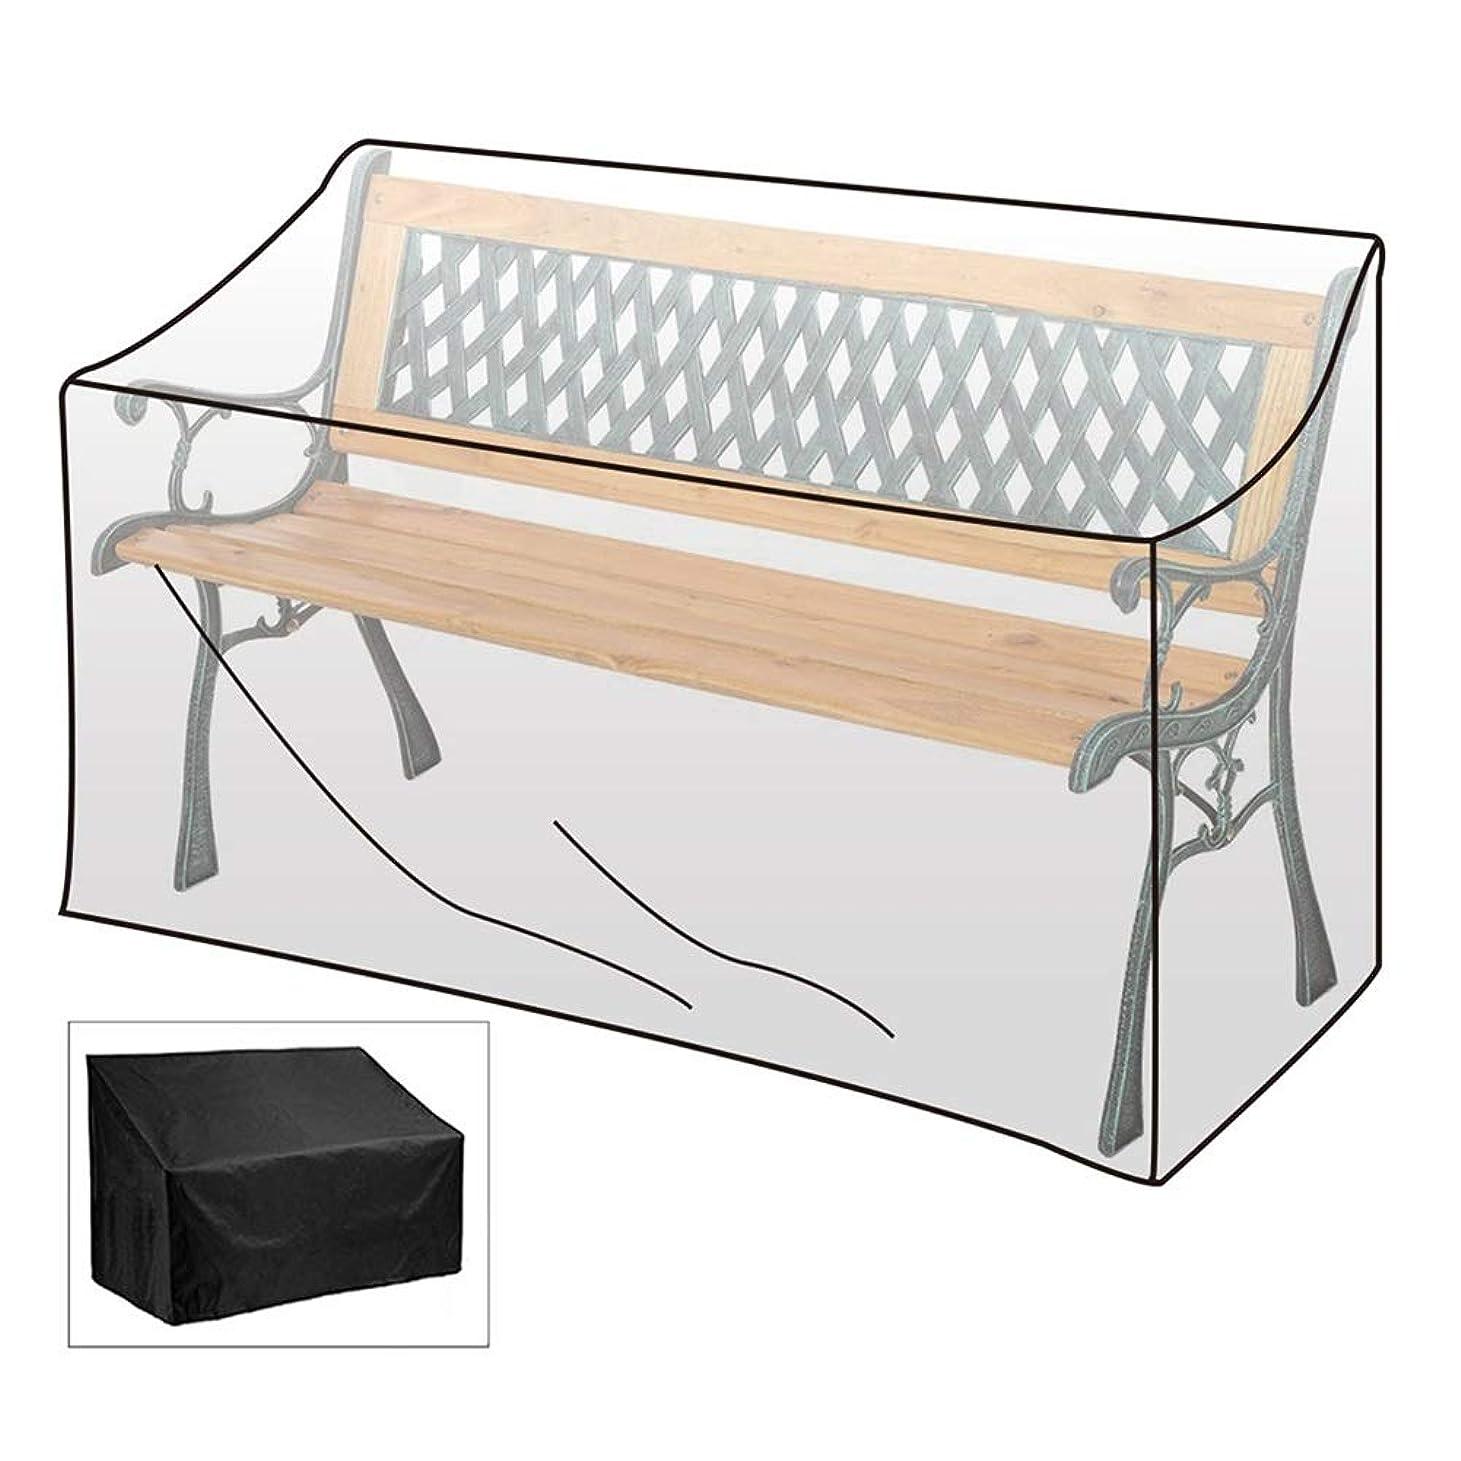 コメントキモい終了しましたSHIJINHAO ガーデン家具カバー、パティオ Rat製ソファカバー オックスフォードダストカバー 防水 防風 アンチUV 、32サイズ、カスタマイズ可能 (Color : Black, Size : 170x100x70CM)